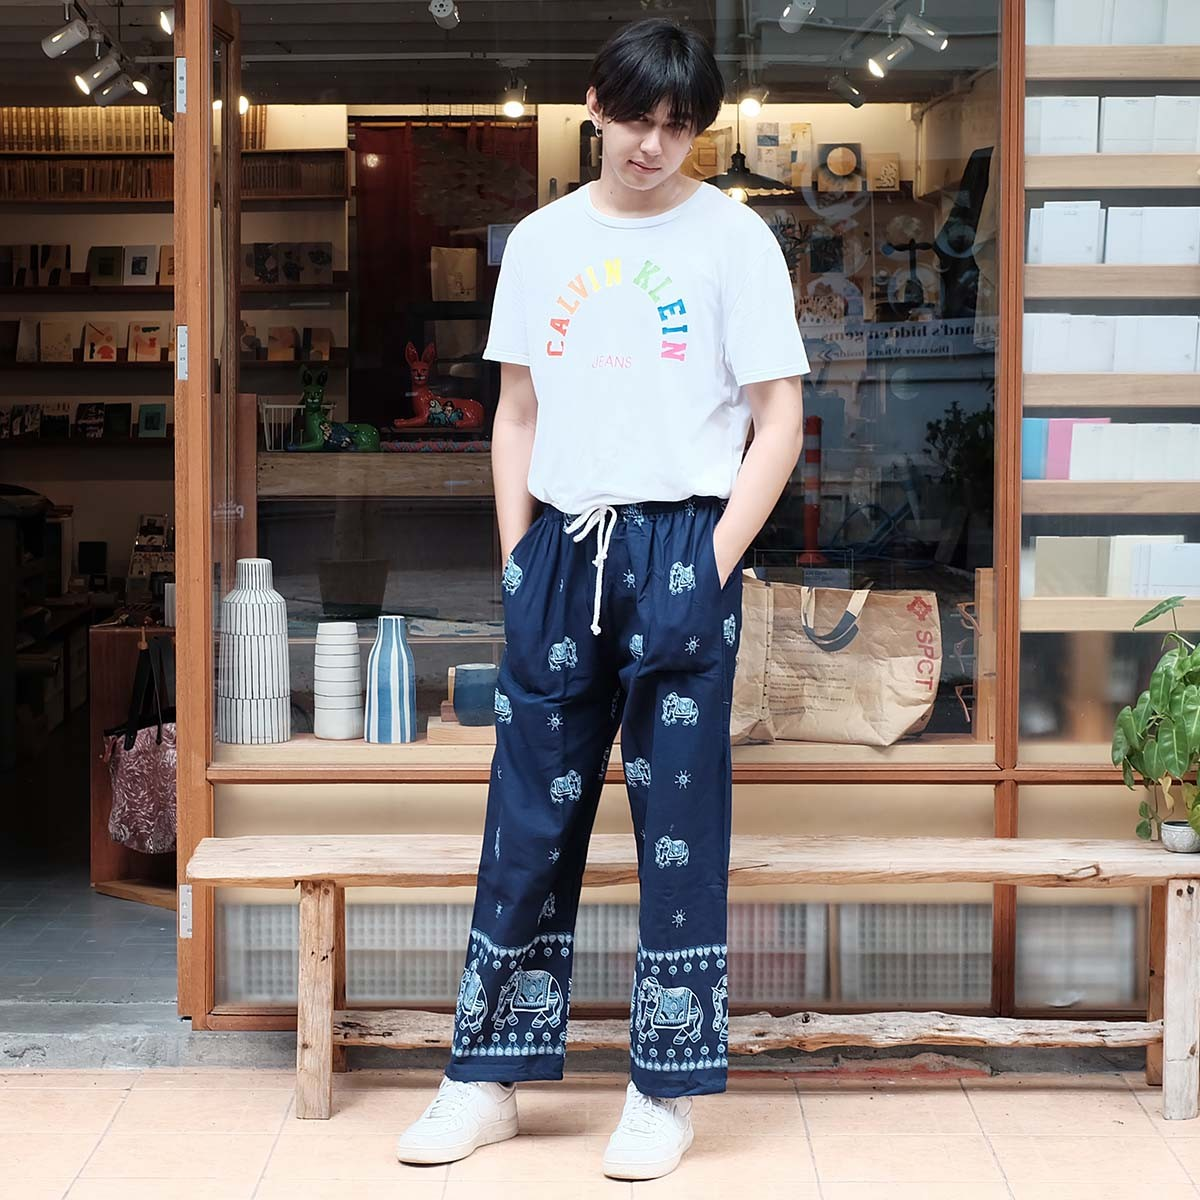 กางเกงขายาวผู้ชาย กางเกงผ้าฝ้ายขายาวลายช้าง